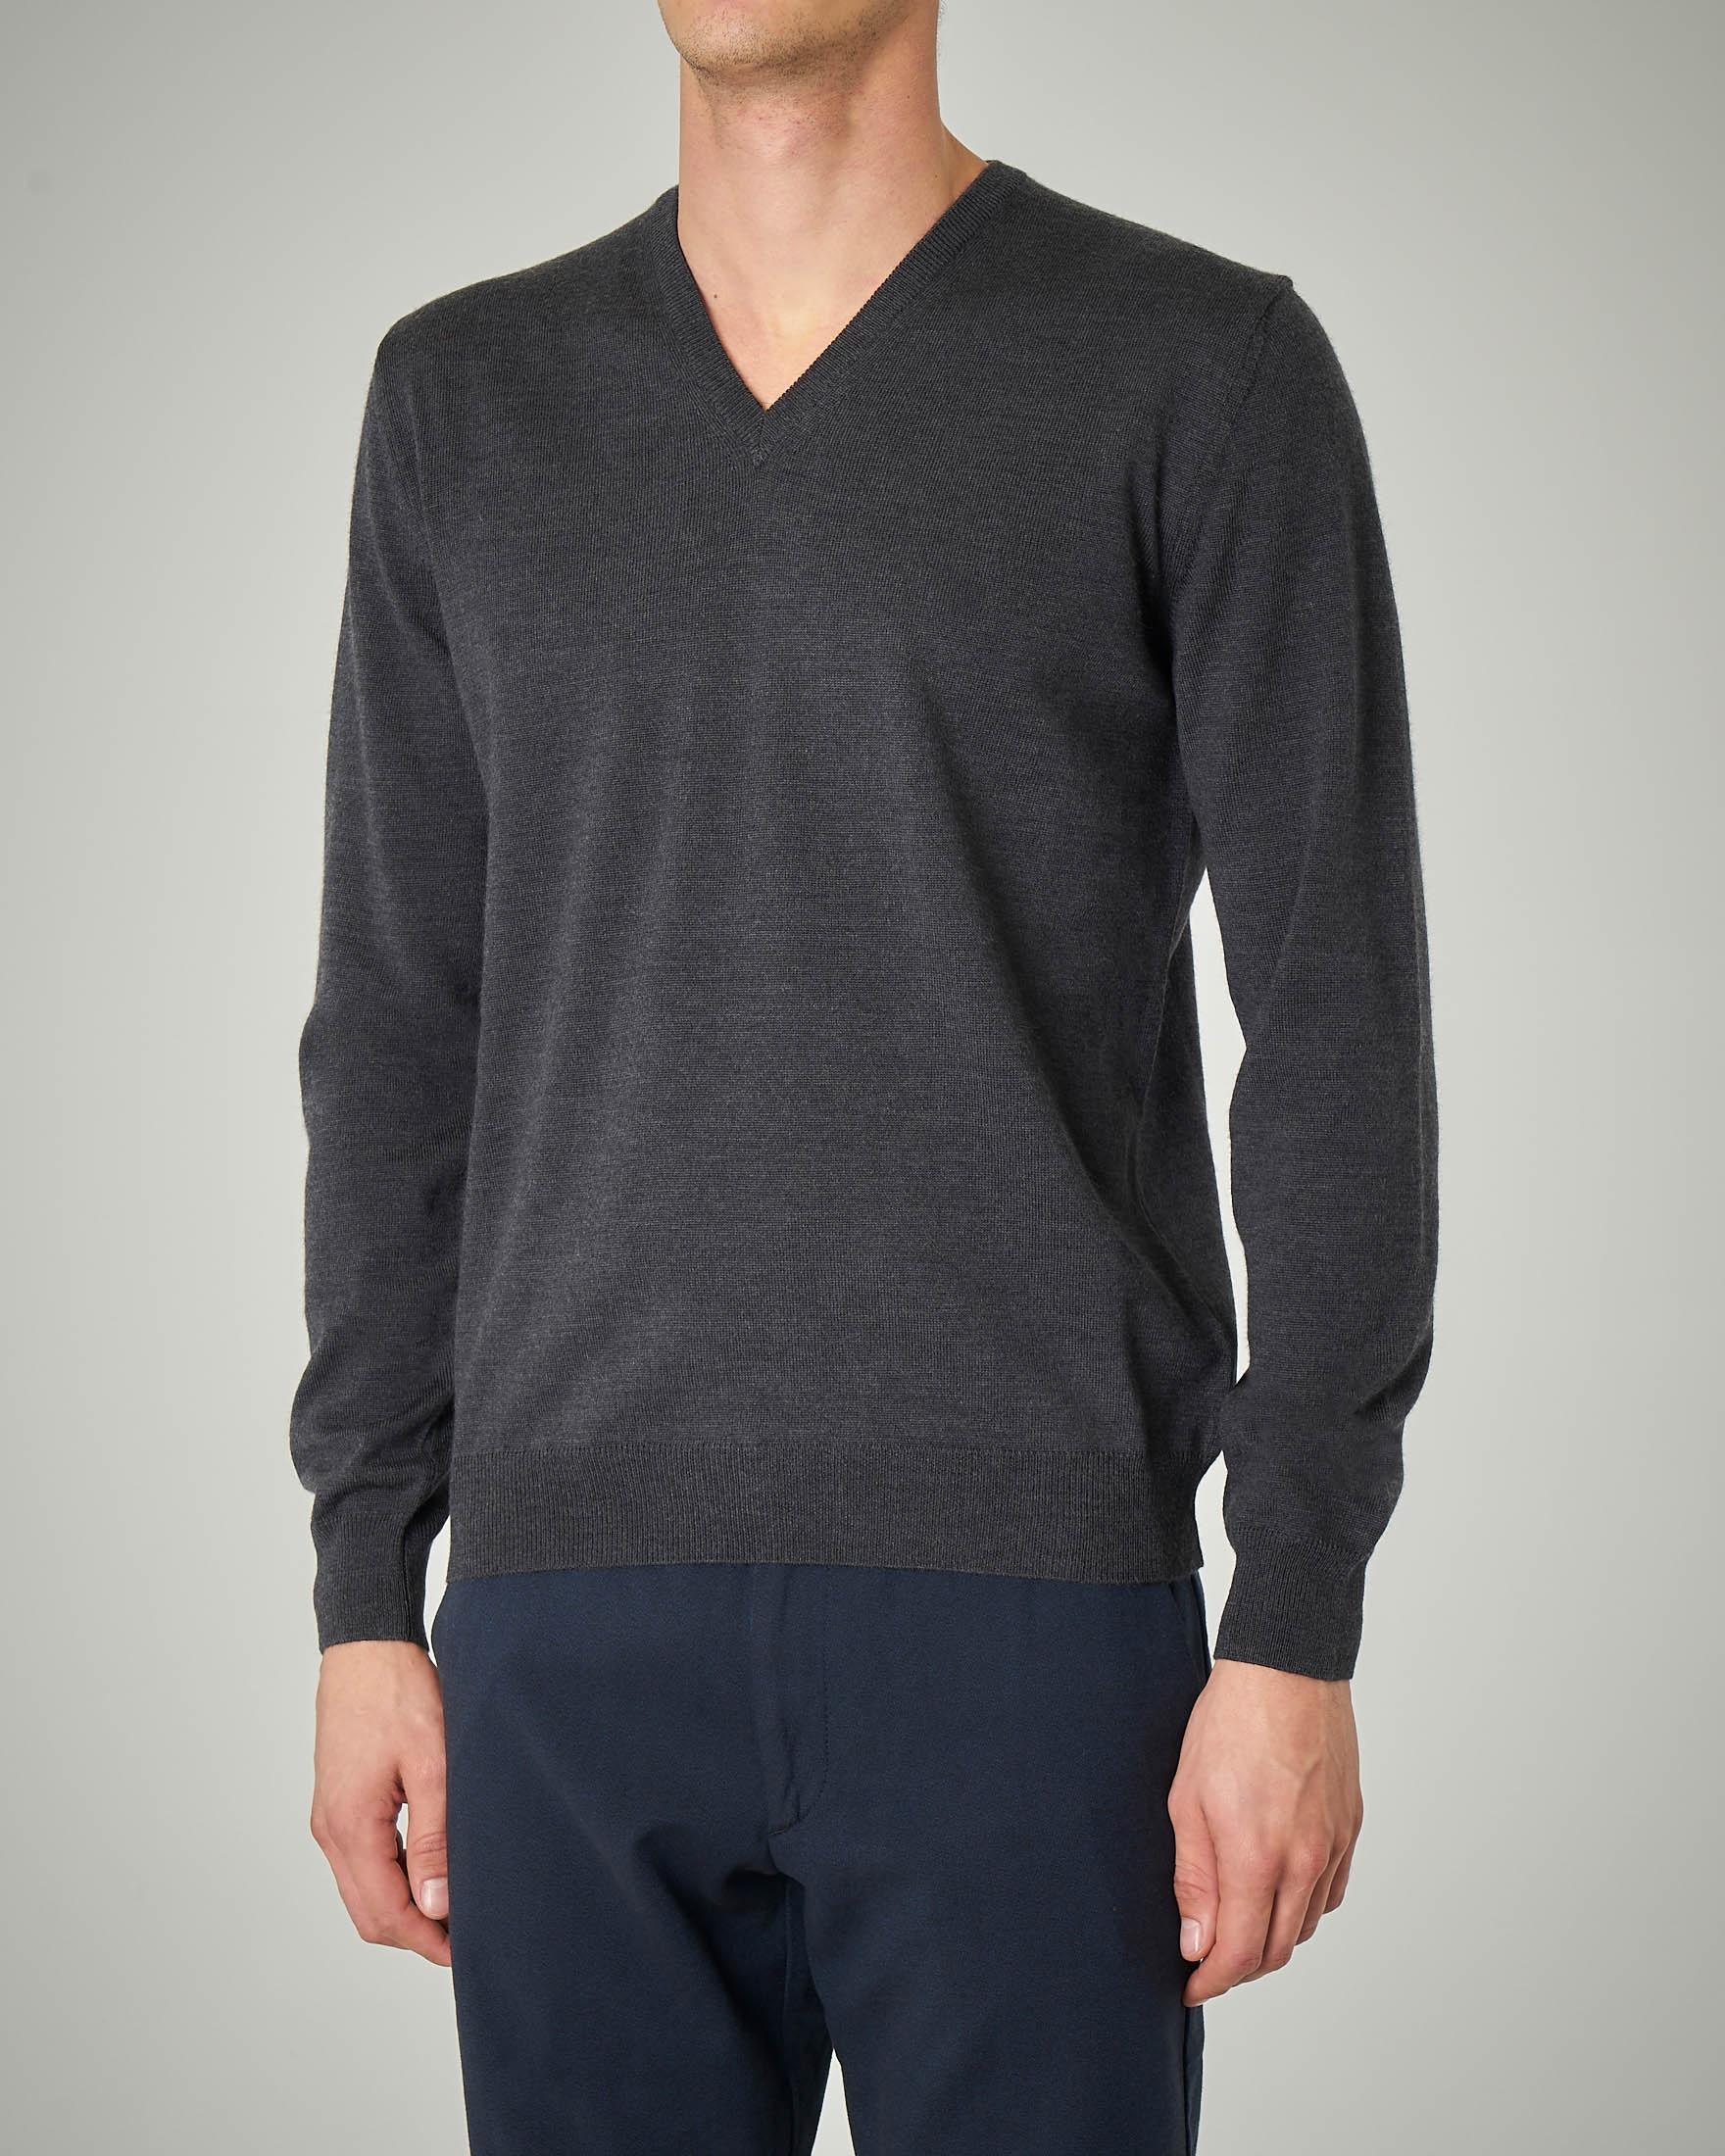 Maglia grigio scuro scollo a V in lana merino